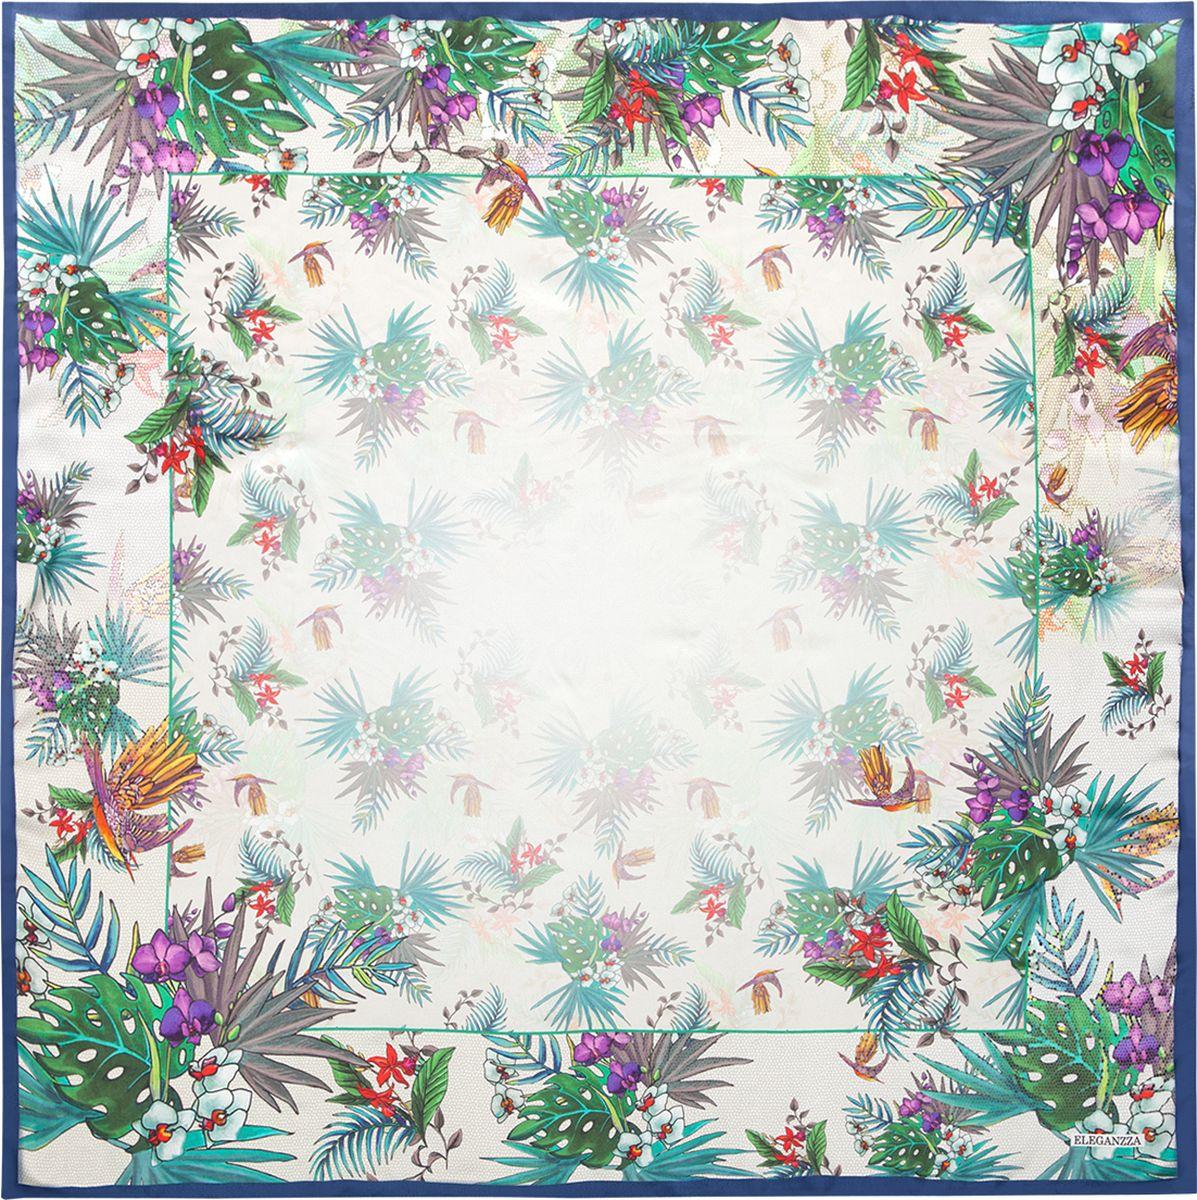 Платок женский Eleganzza, цвет: зеленый, синий. KA04-8131. Размер 90 см х 90 смKA04-8131Платок Eleganzza, выполненный из шелка, идеально дополнит образ современной женщины. Модель оформлена принтом. Классическая квадратная форма позволяет носить платок на шее, украшать им прическу или декорировать сумочку. С таким замечательным аксессуаром вы всегда будете выглядеть женственной и привлекательной.